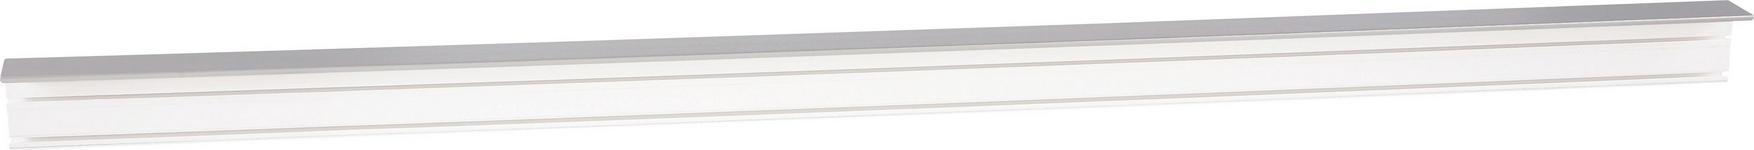 Vorhangschiene 150 cm - Weiß/Grau, KONVENTIONELL, Kunststoff (150/5/7.5cm) - Ombra